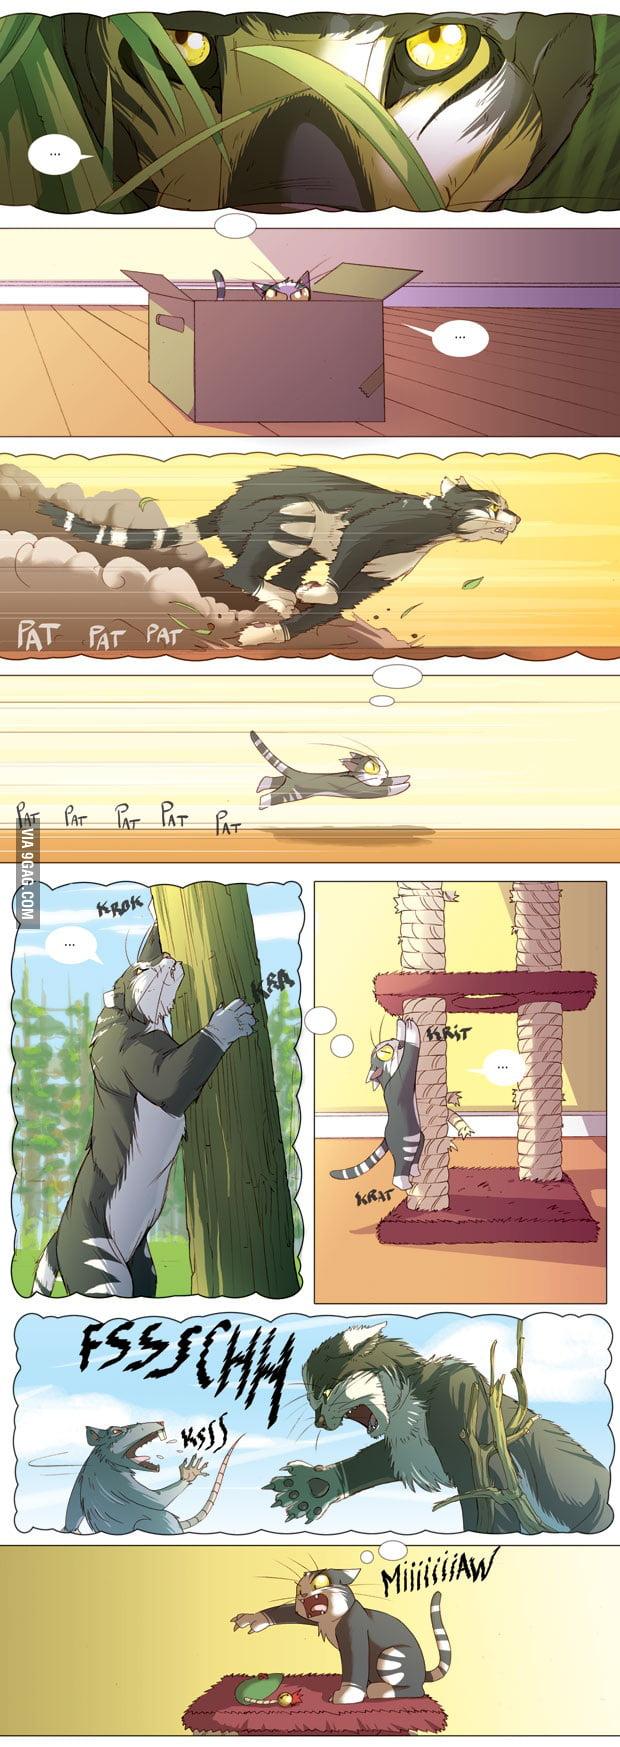 A Cat life !!!